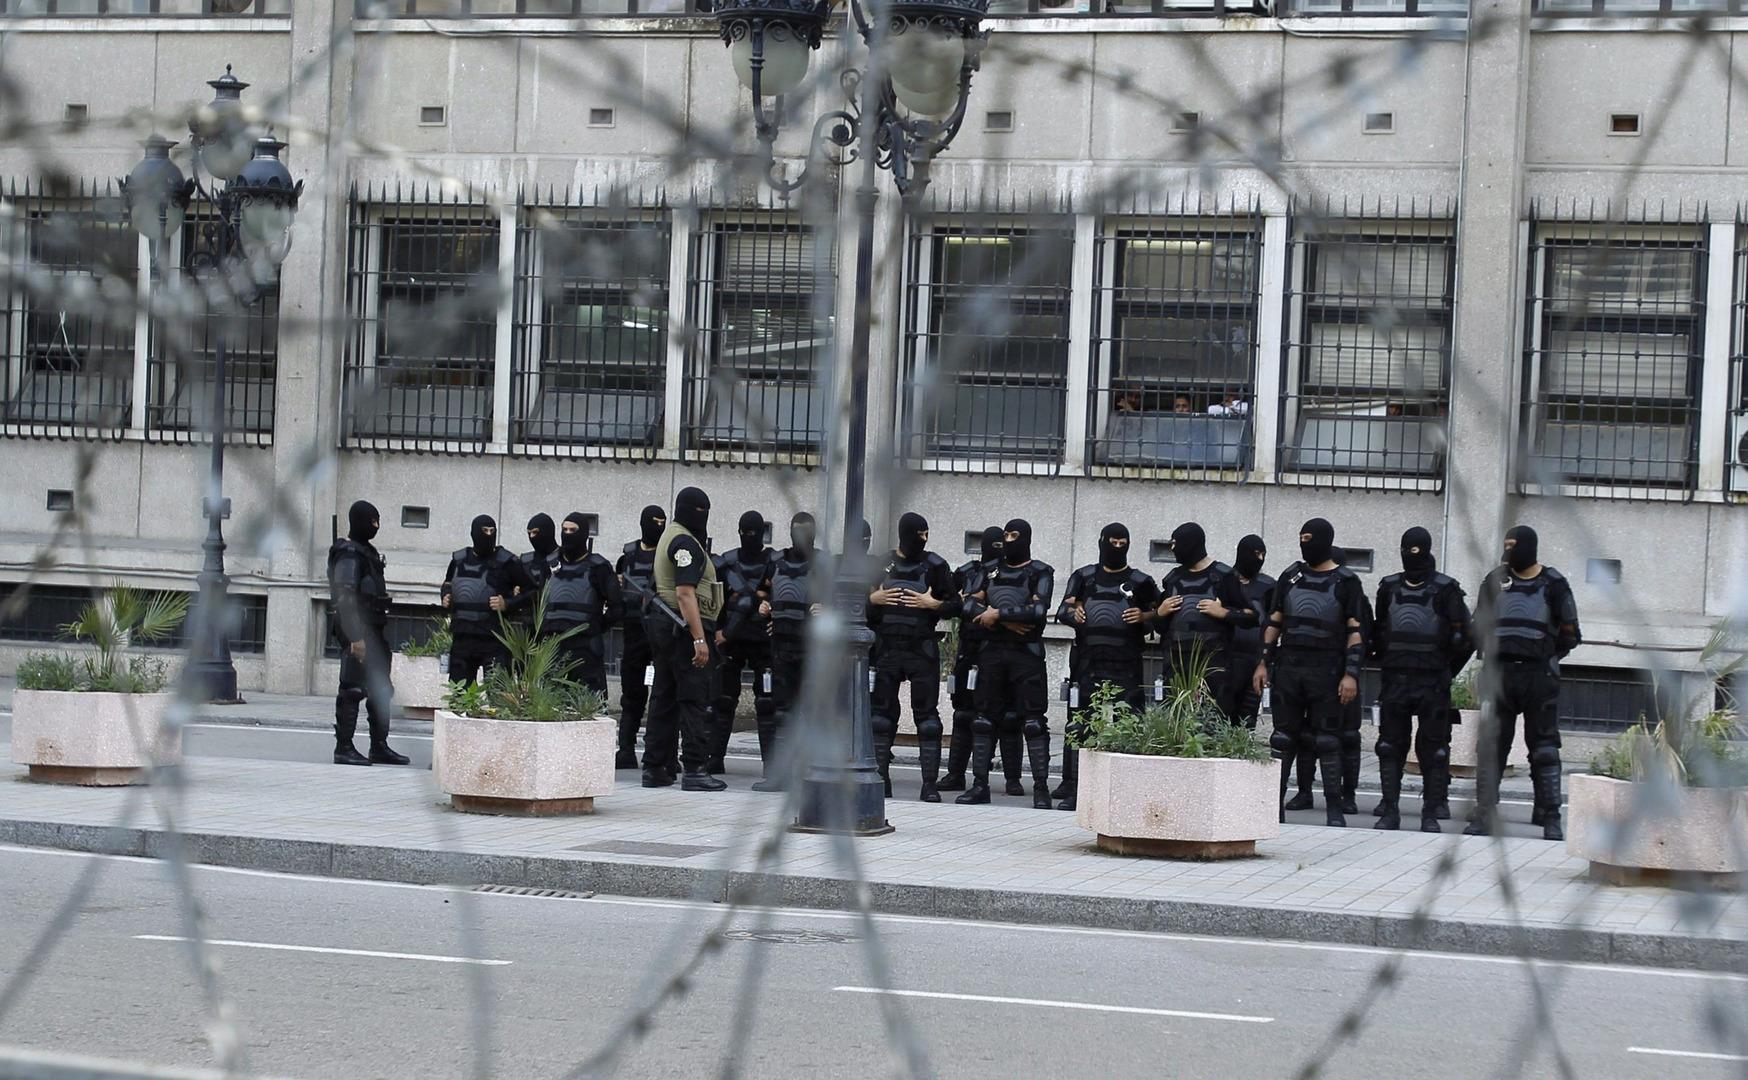 رويترز عن مصادر أمنية: الرئيس التونسي يكلف مدير الأمن الرئاسي بالإشراف على وزارة الداخلية